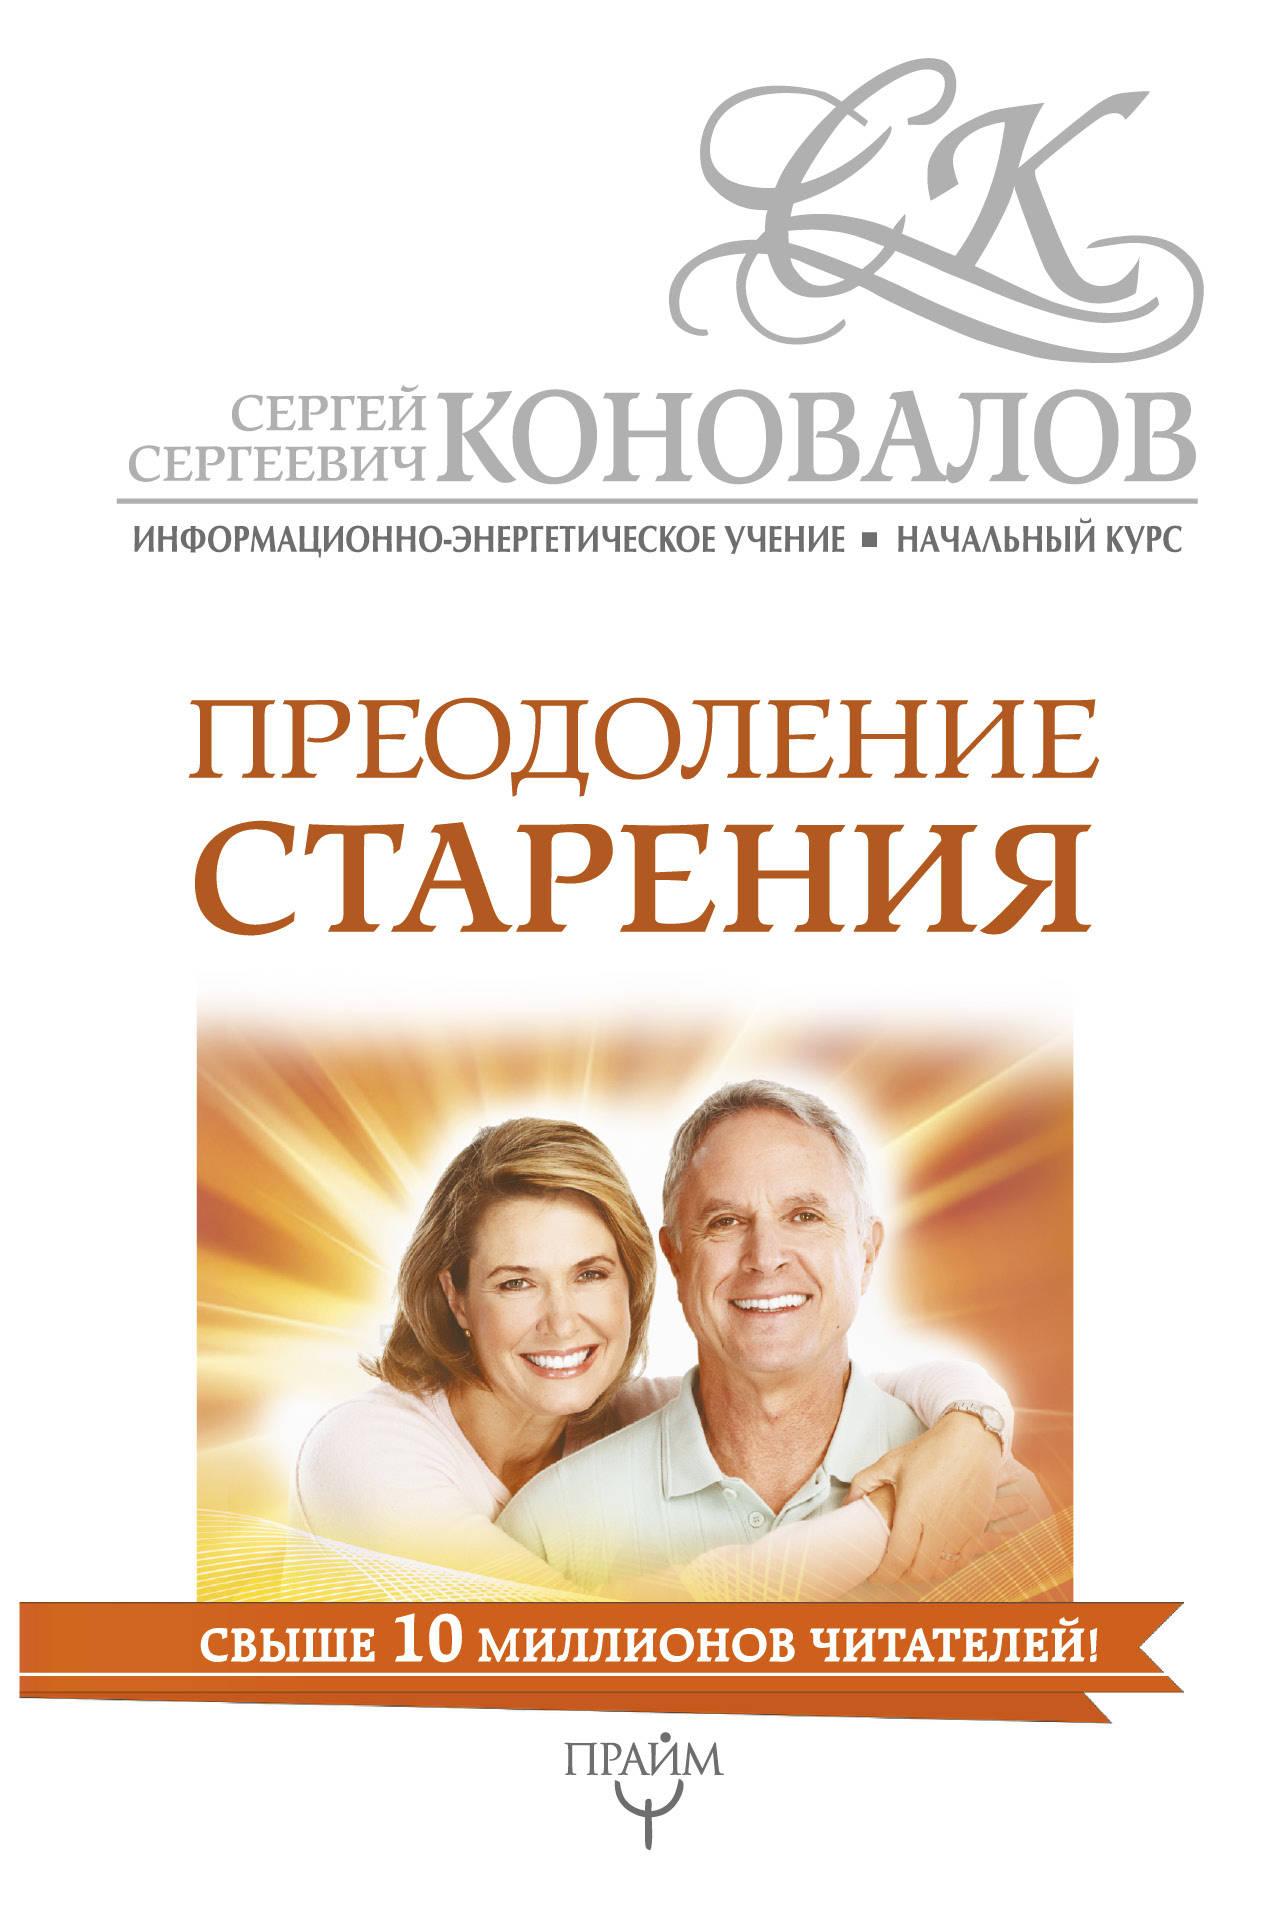 Преодоление старения. Информационно-энергетическое Учение. Начальный курс от book24.ru